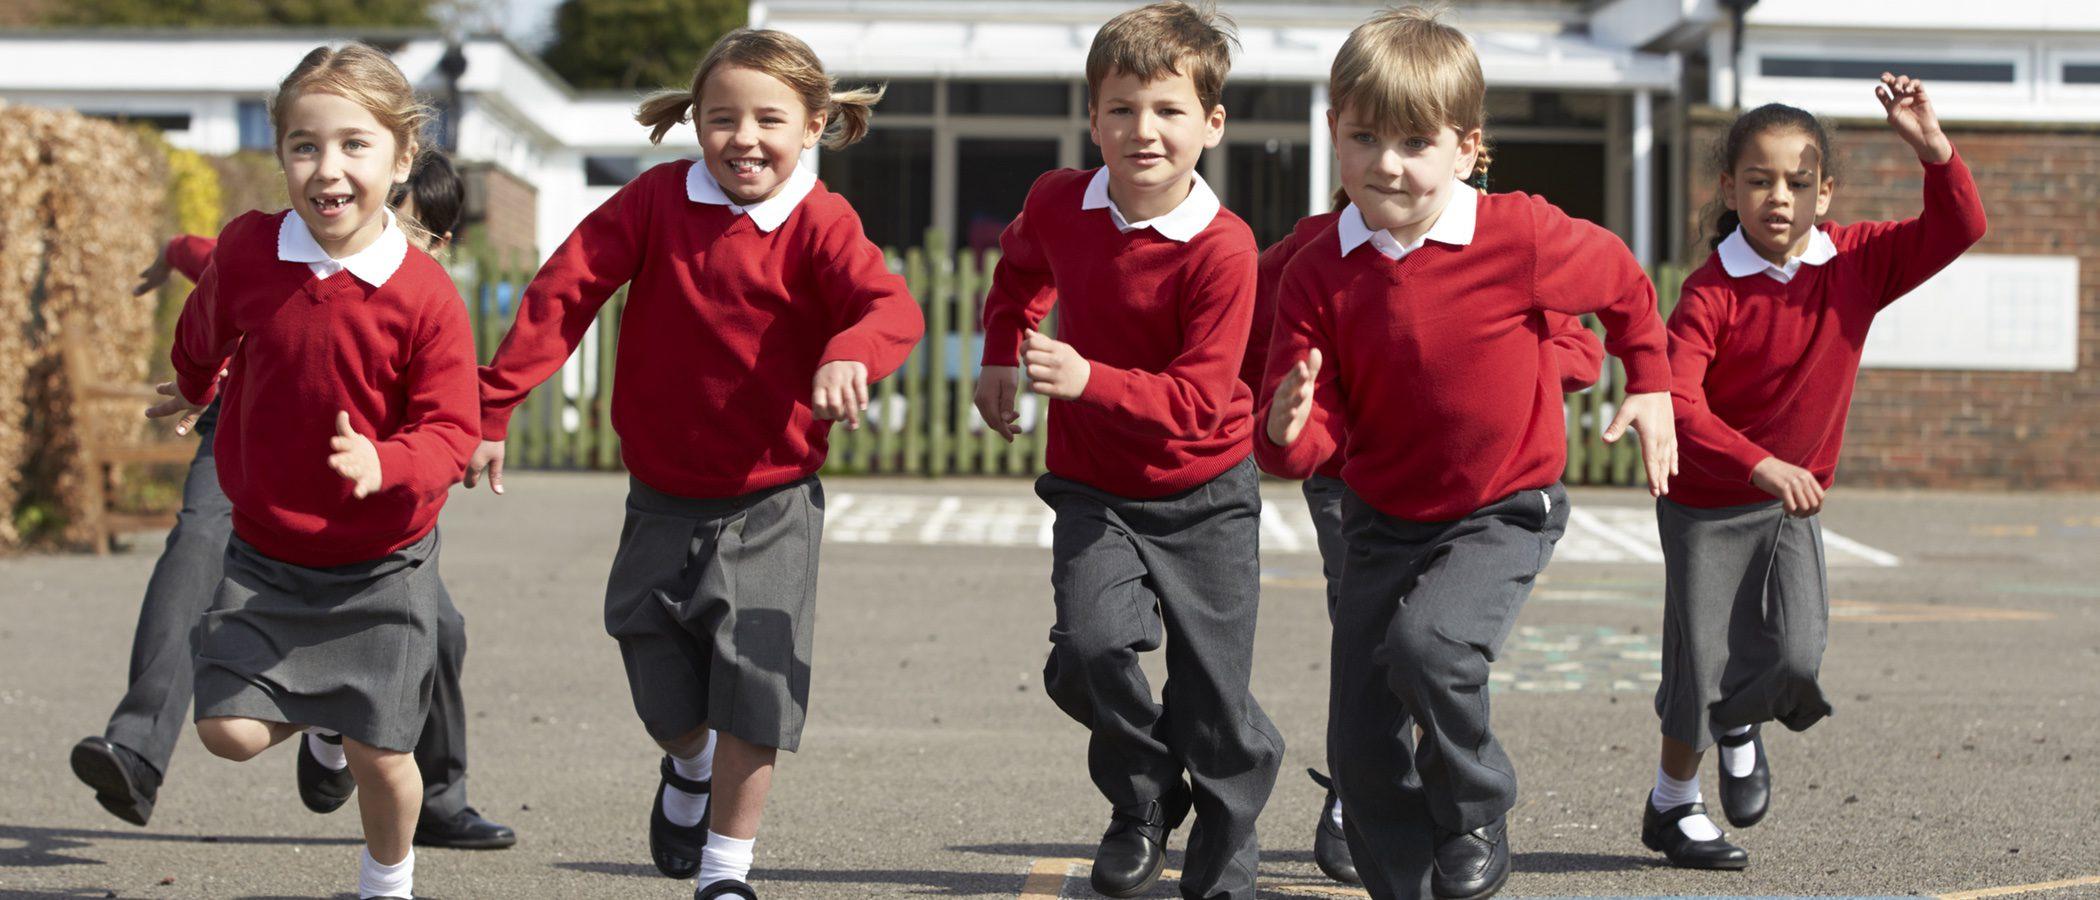 Ventajas e inconvenientes de llevar a tu hijo a un colegio con uniforme escolar